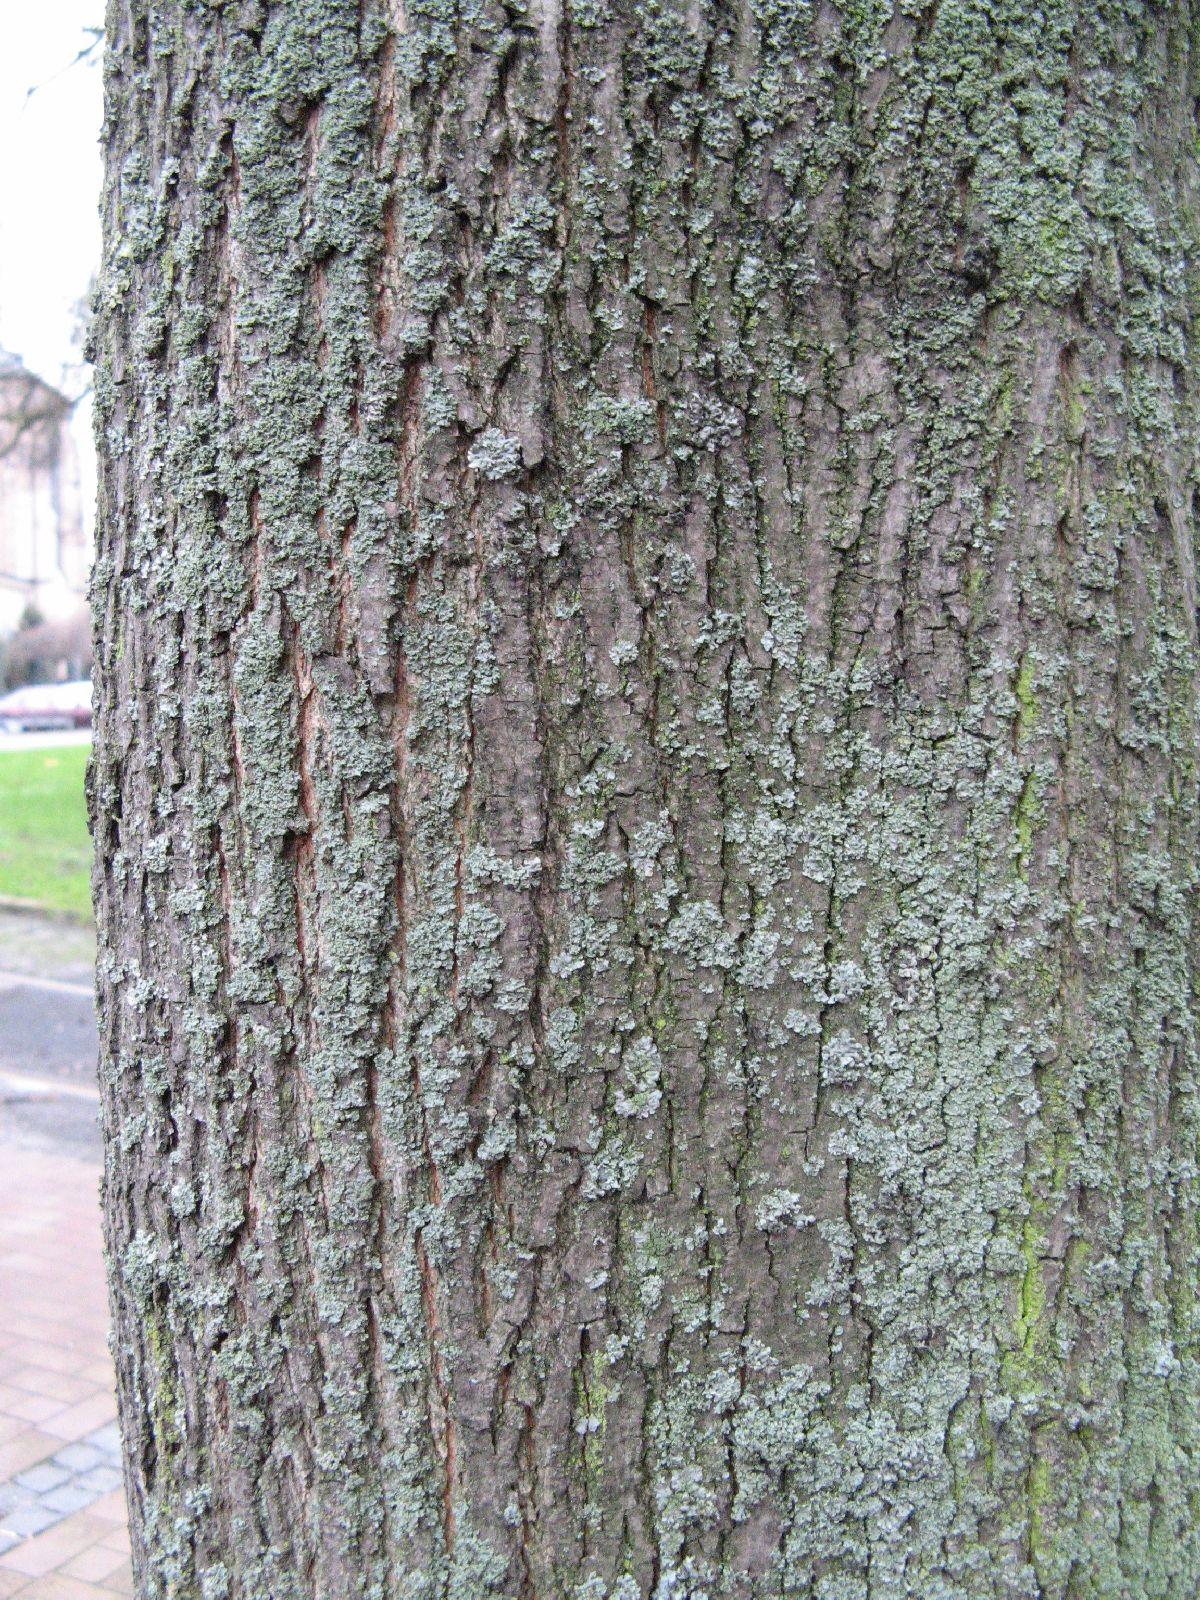 Baum-Rinde_Texturs_B_26800